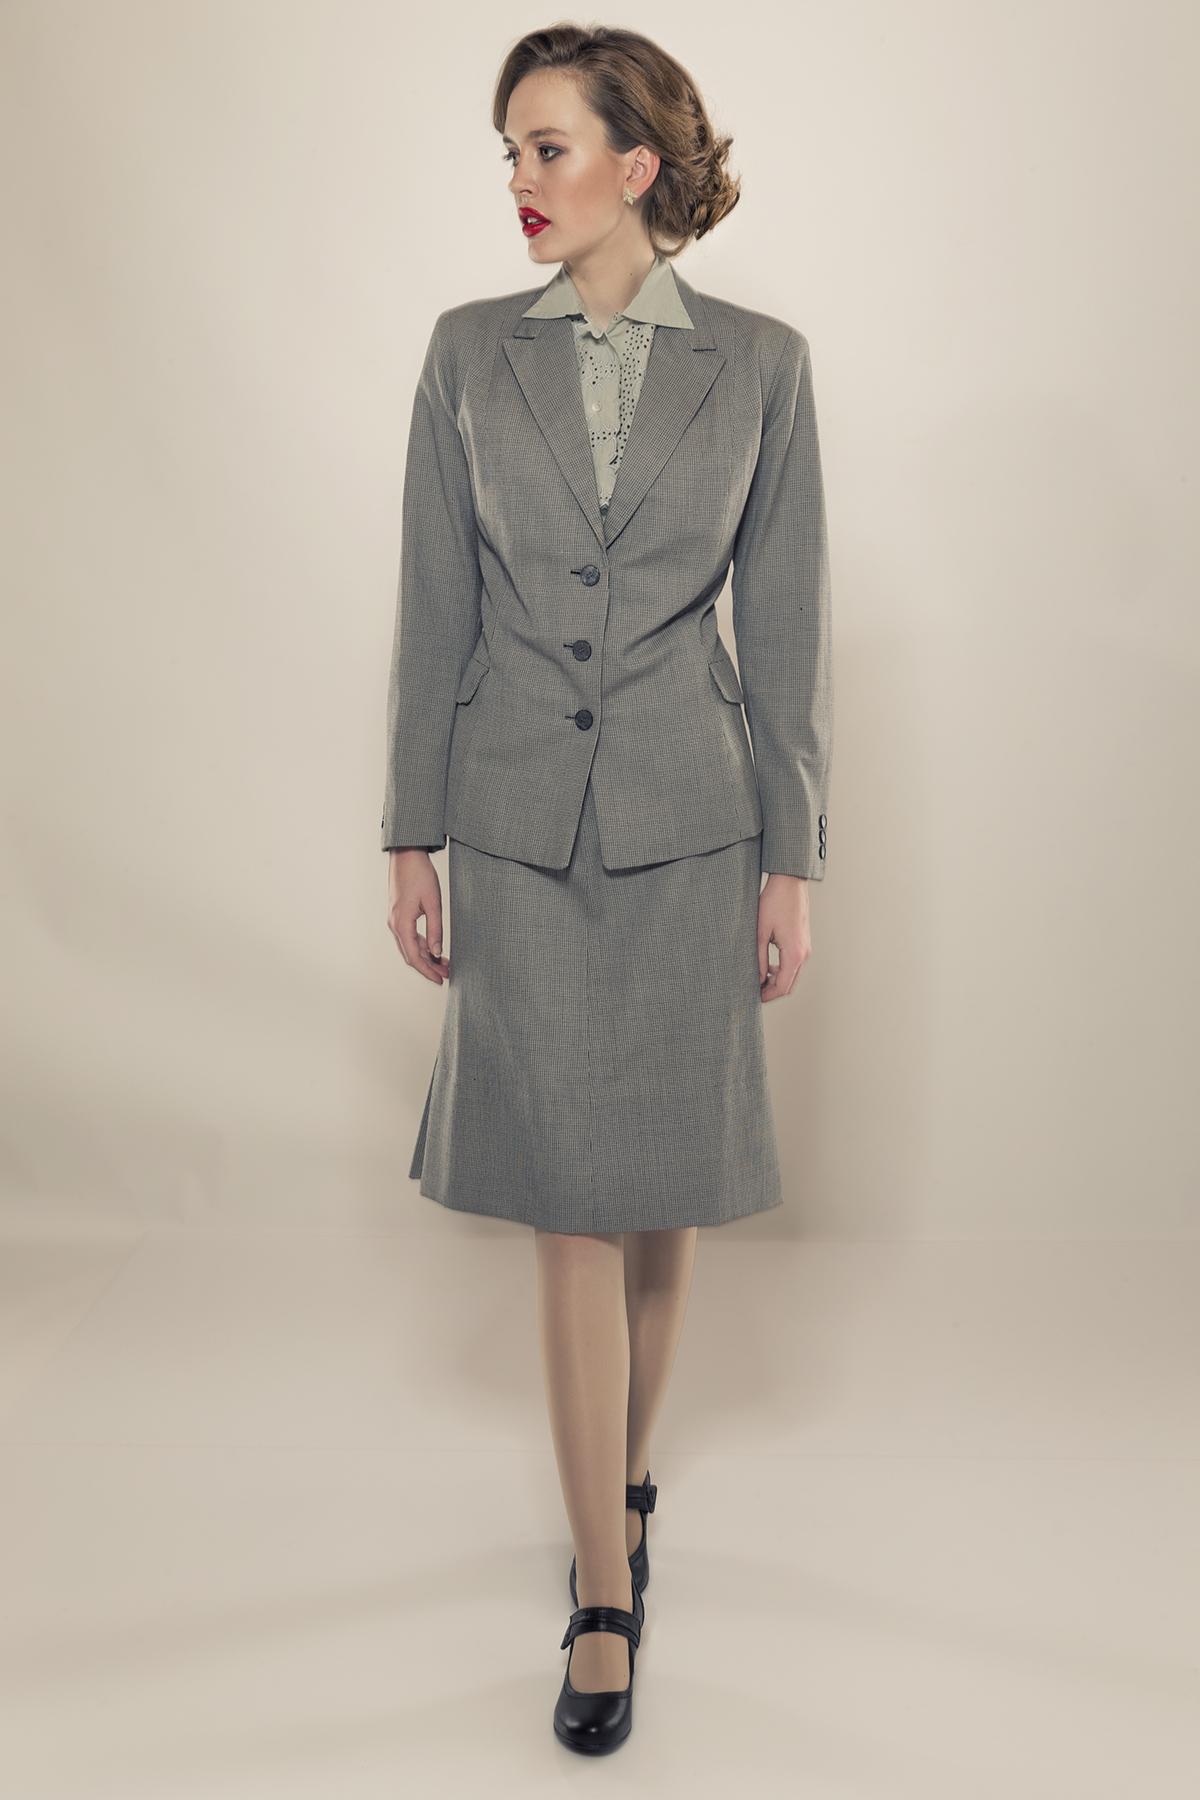 Damenmode des 20. Jahrhundert - 1940er-Jahre – schlichte Eleganz